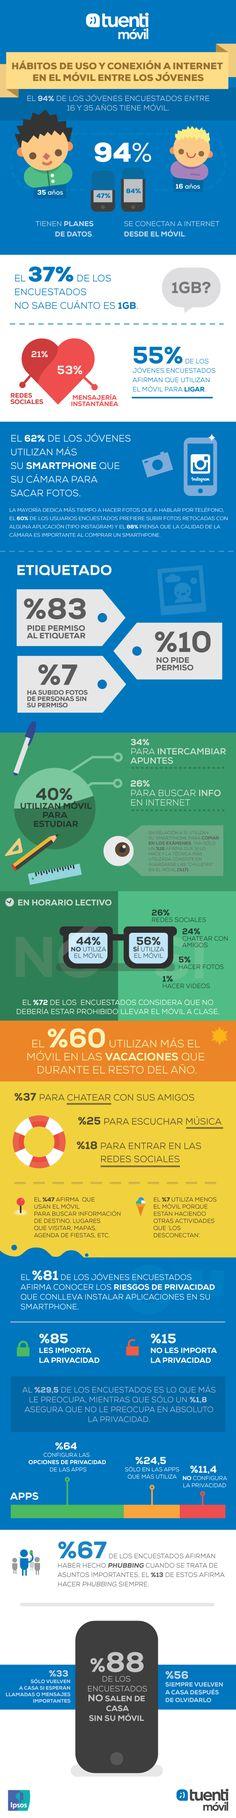 ¿Cómo y cuánto usan los jóvenes españoles el móvil?